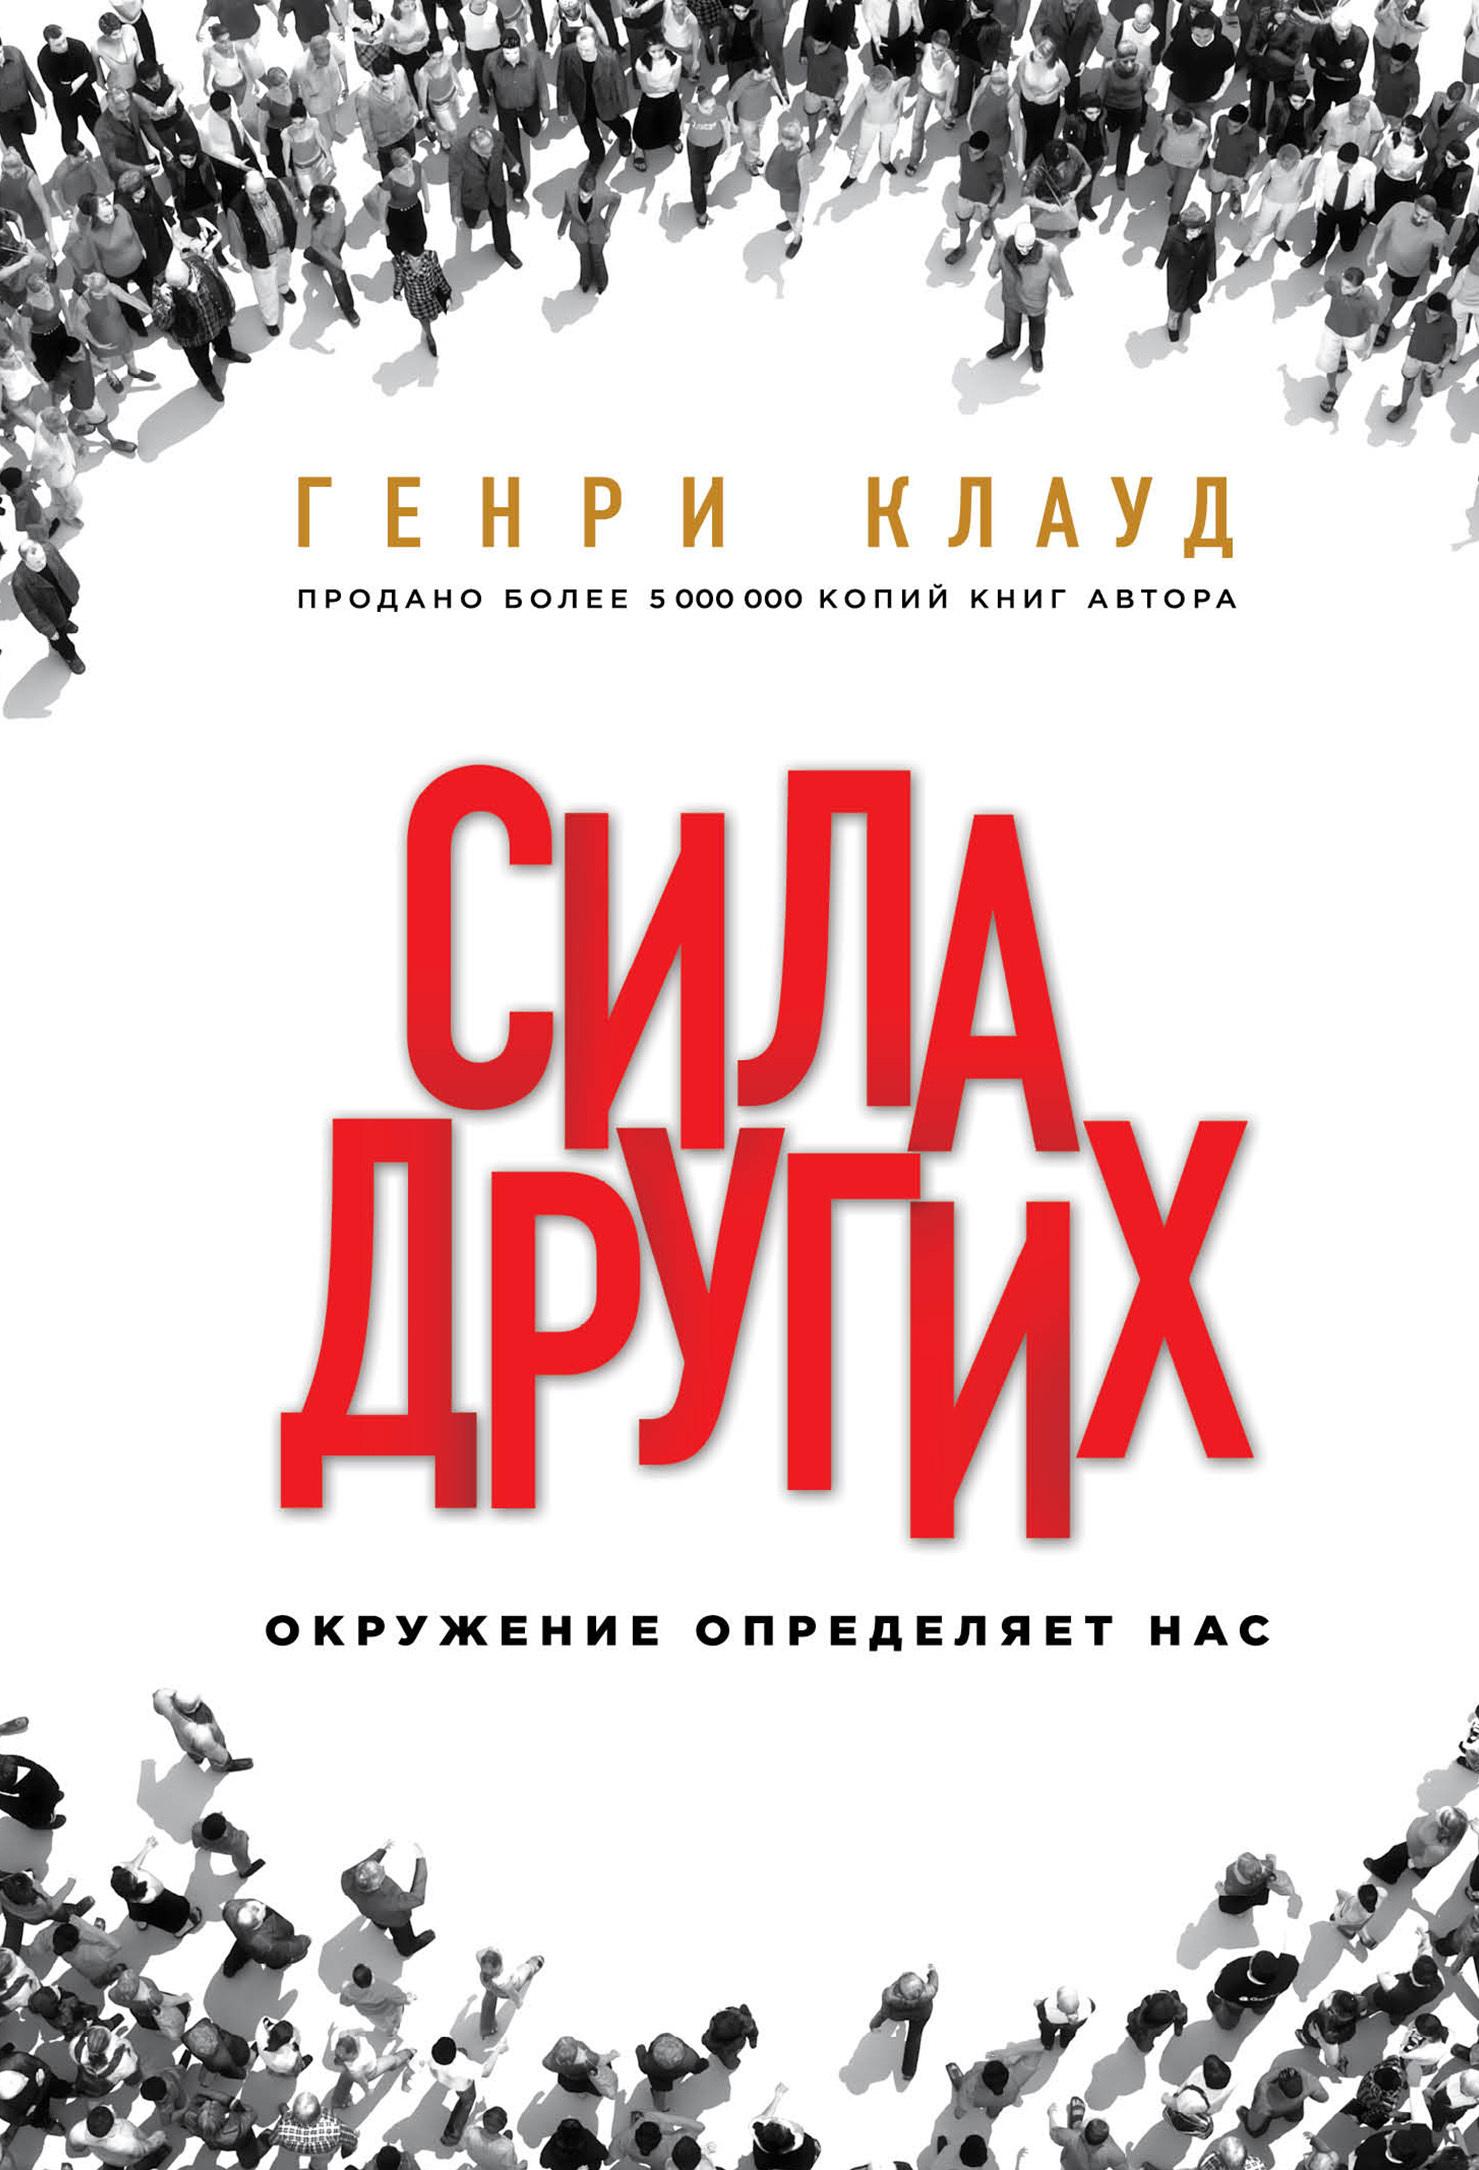 Обложка книги. Автор - Генри Клауд